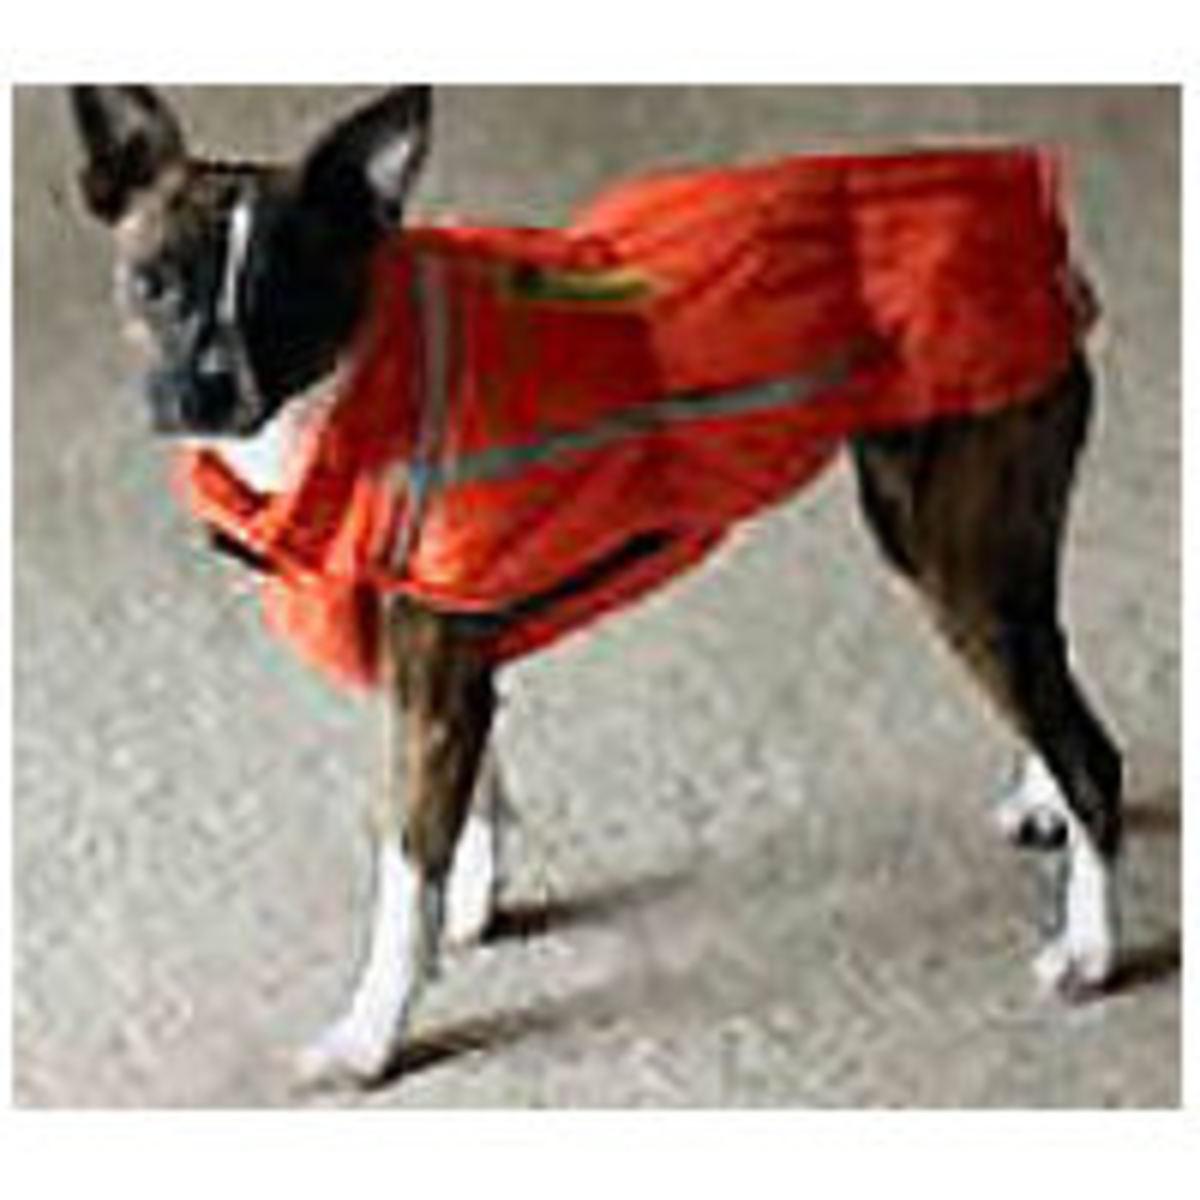 Koko the Italian Greyhound